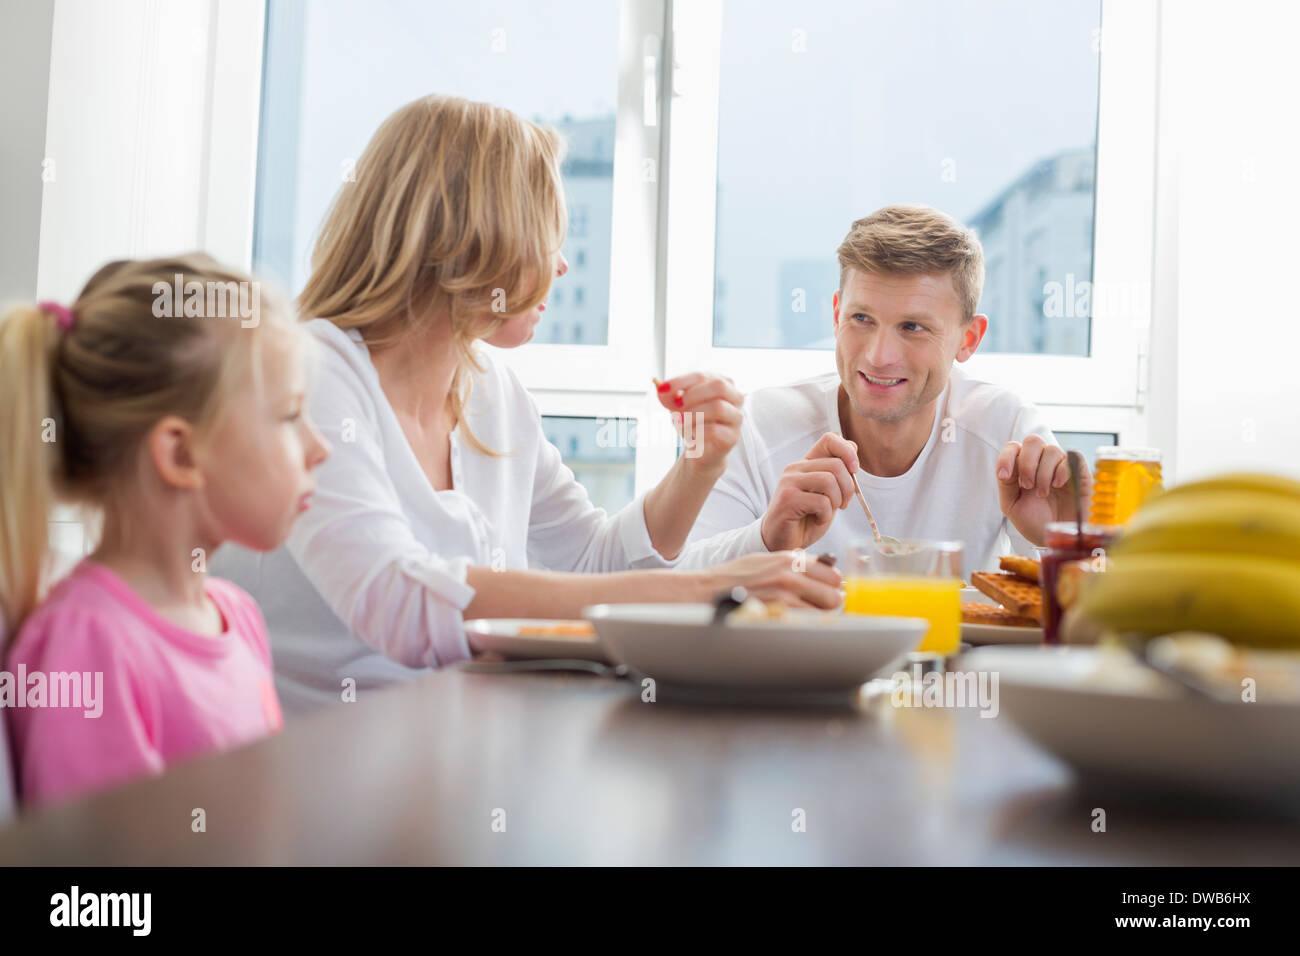 Happy family of three having breakfast at table - Stock Image